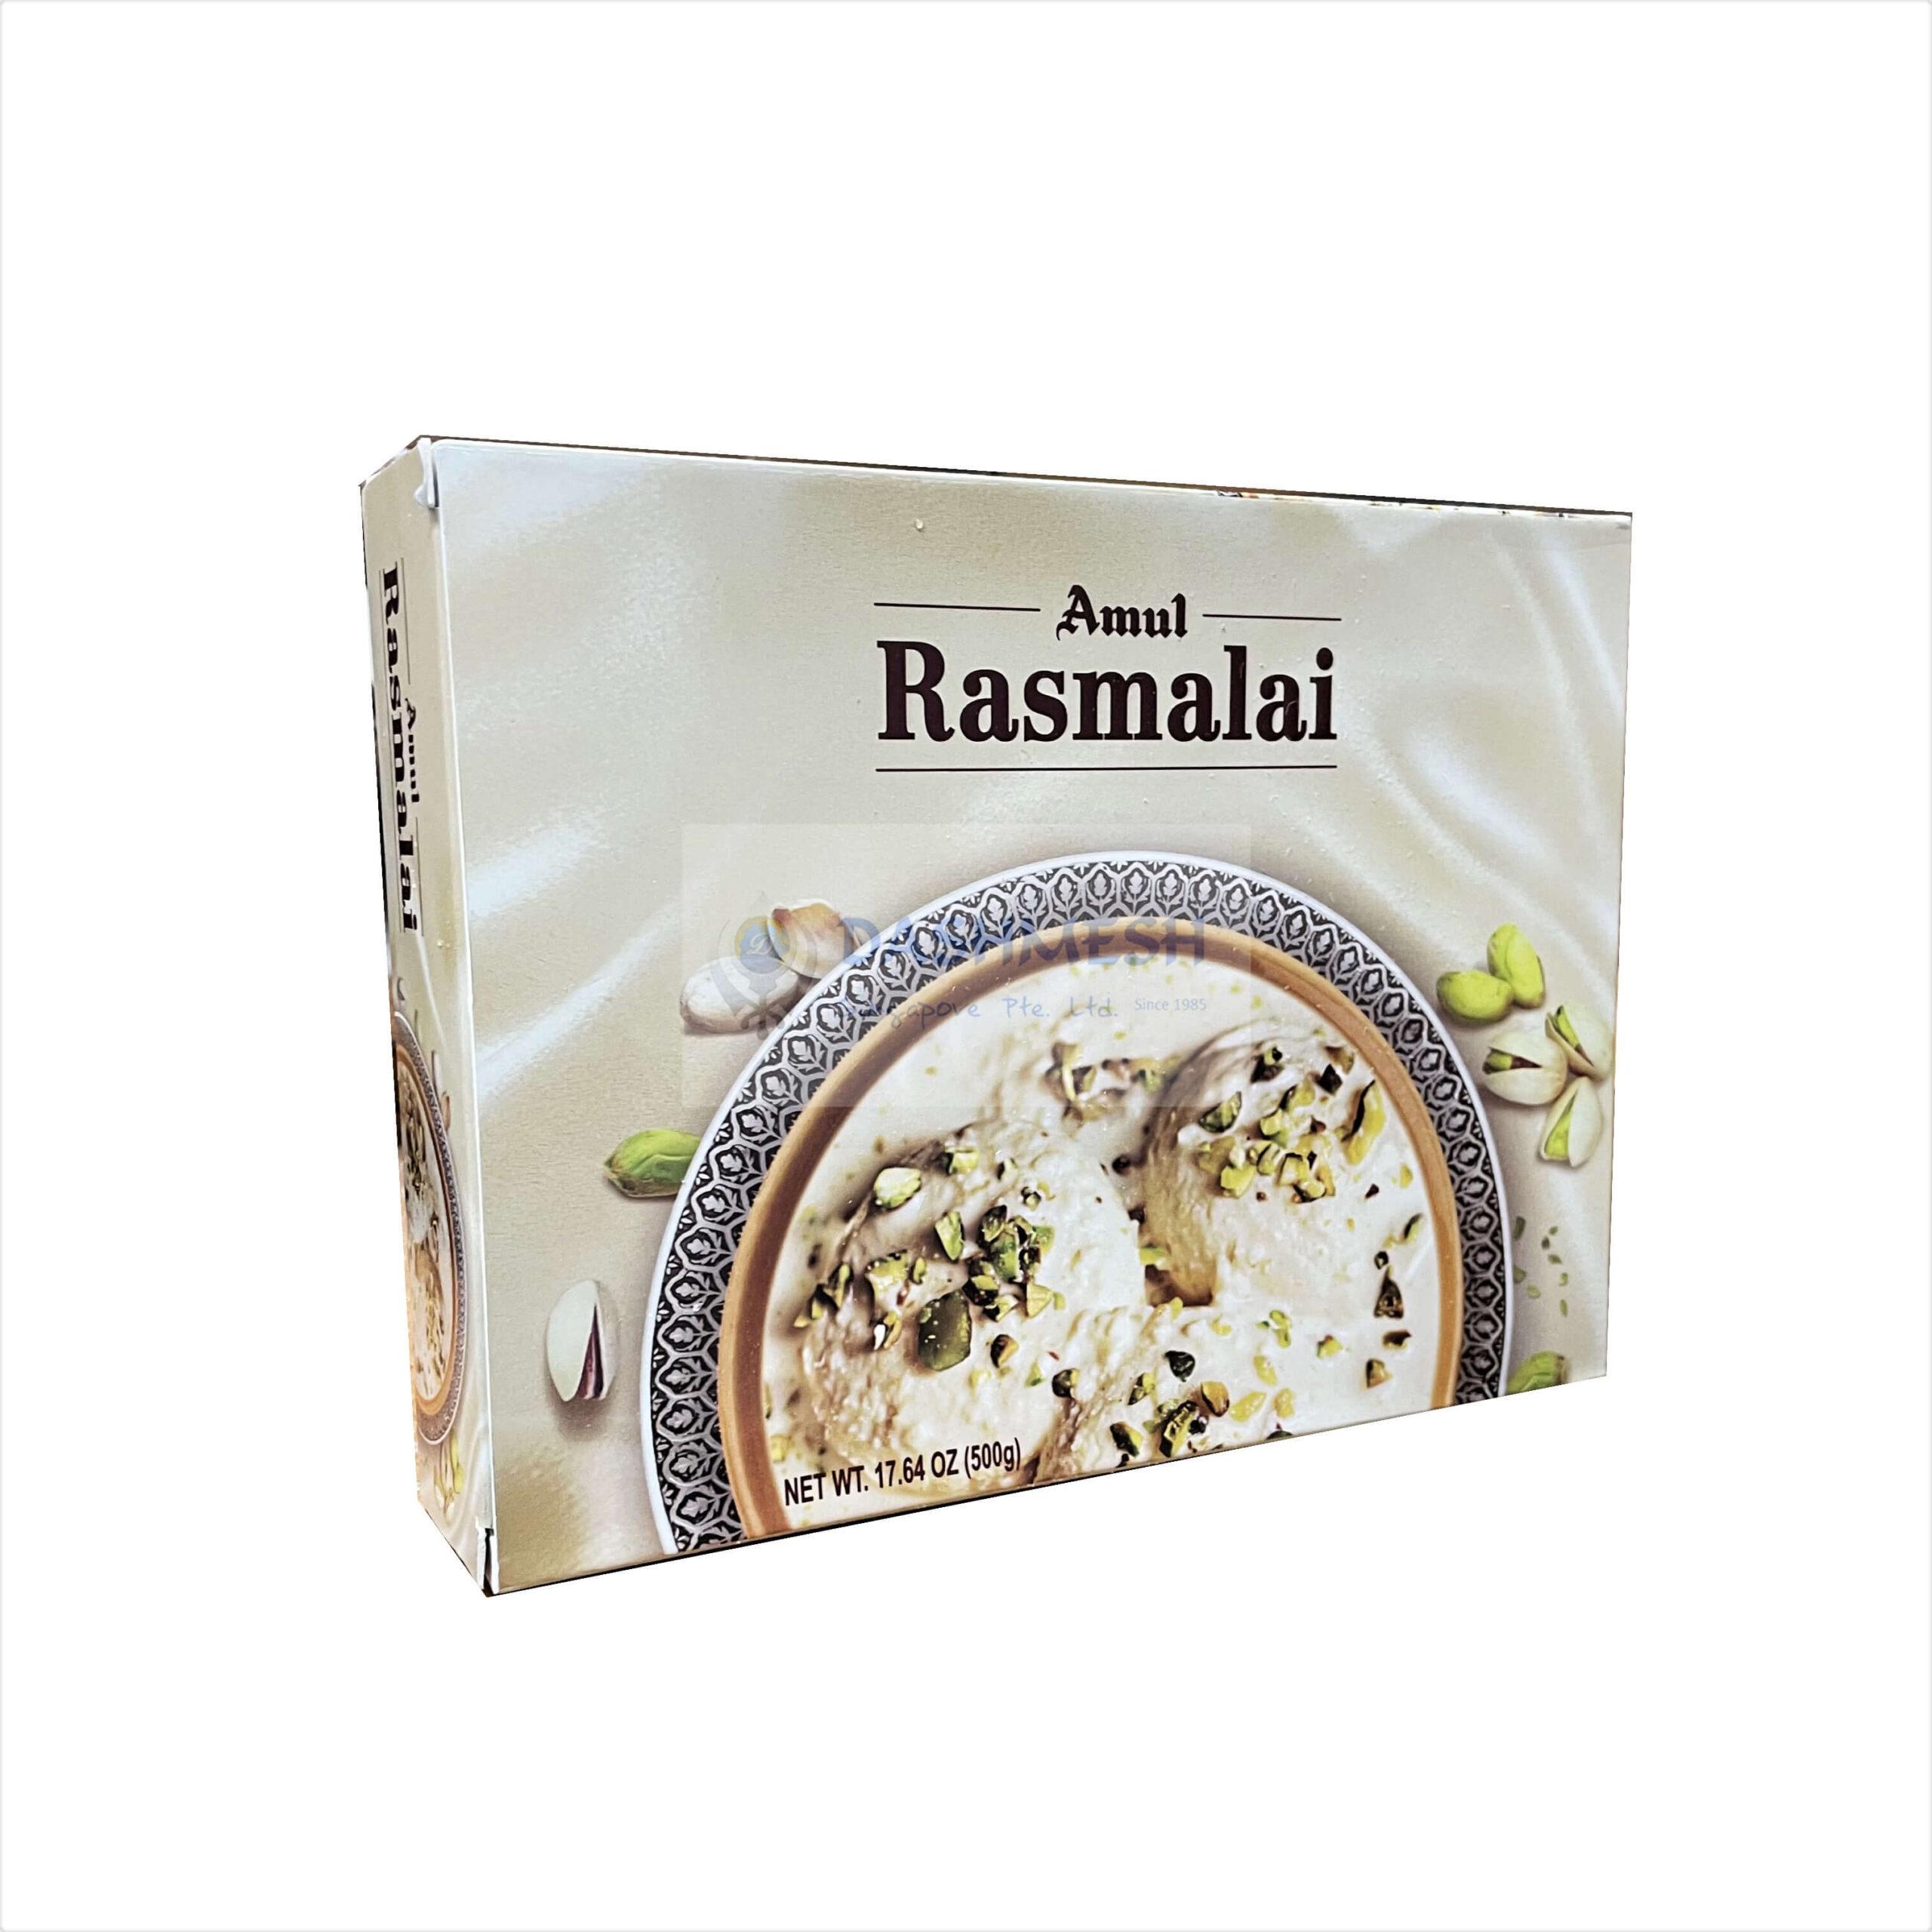 Amul Rasmalai 500g